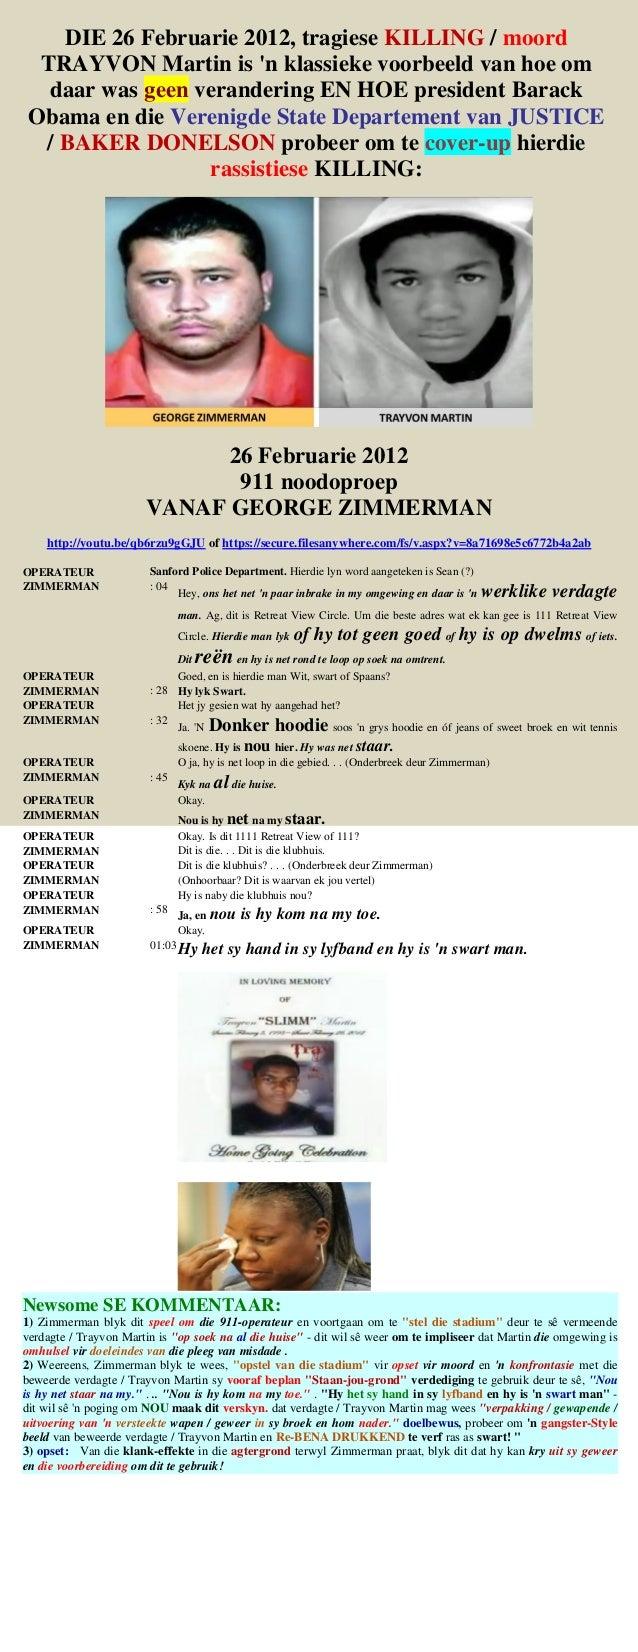 DIE 26 Februarie 2012, tragiese KILLING / moord TRAYVON Martin is 'n klassieke voorbeeld van hoe om daar was geen verander...